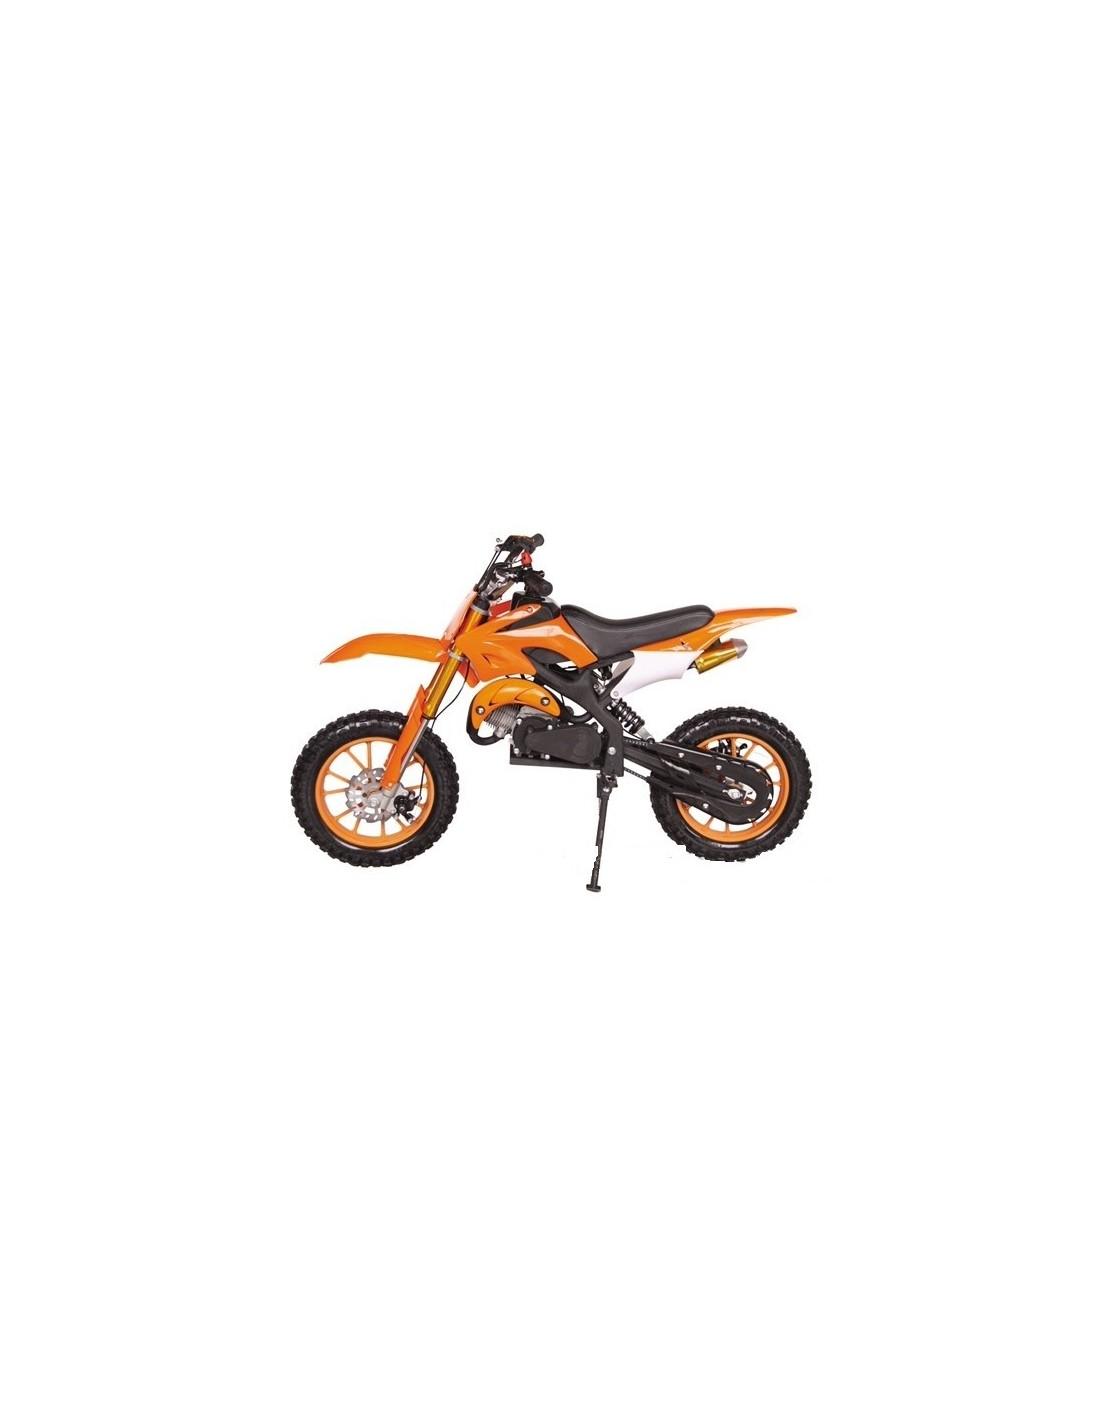 bras oscillant pocket bike cross monster bike 62. Black Bedroom Furniture Sets. Home Design Ideas